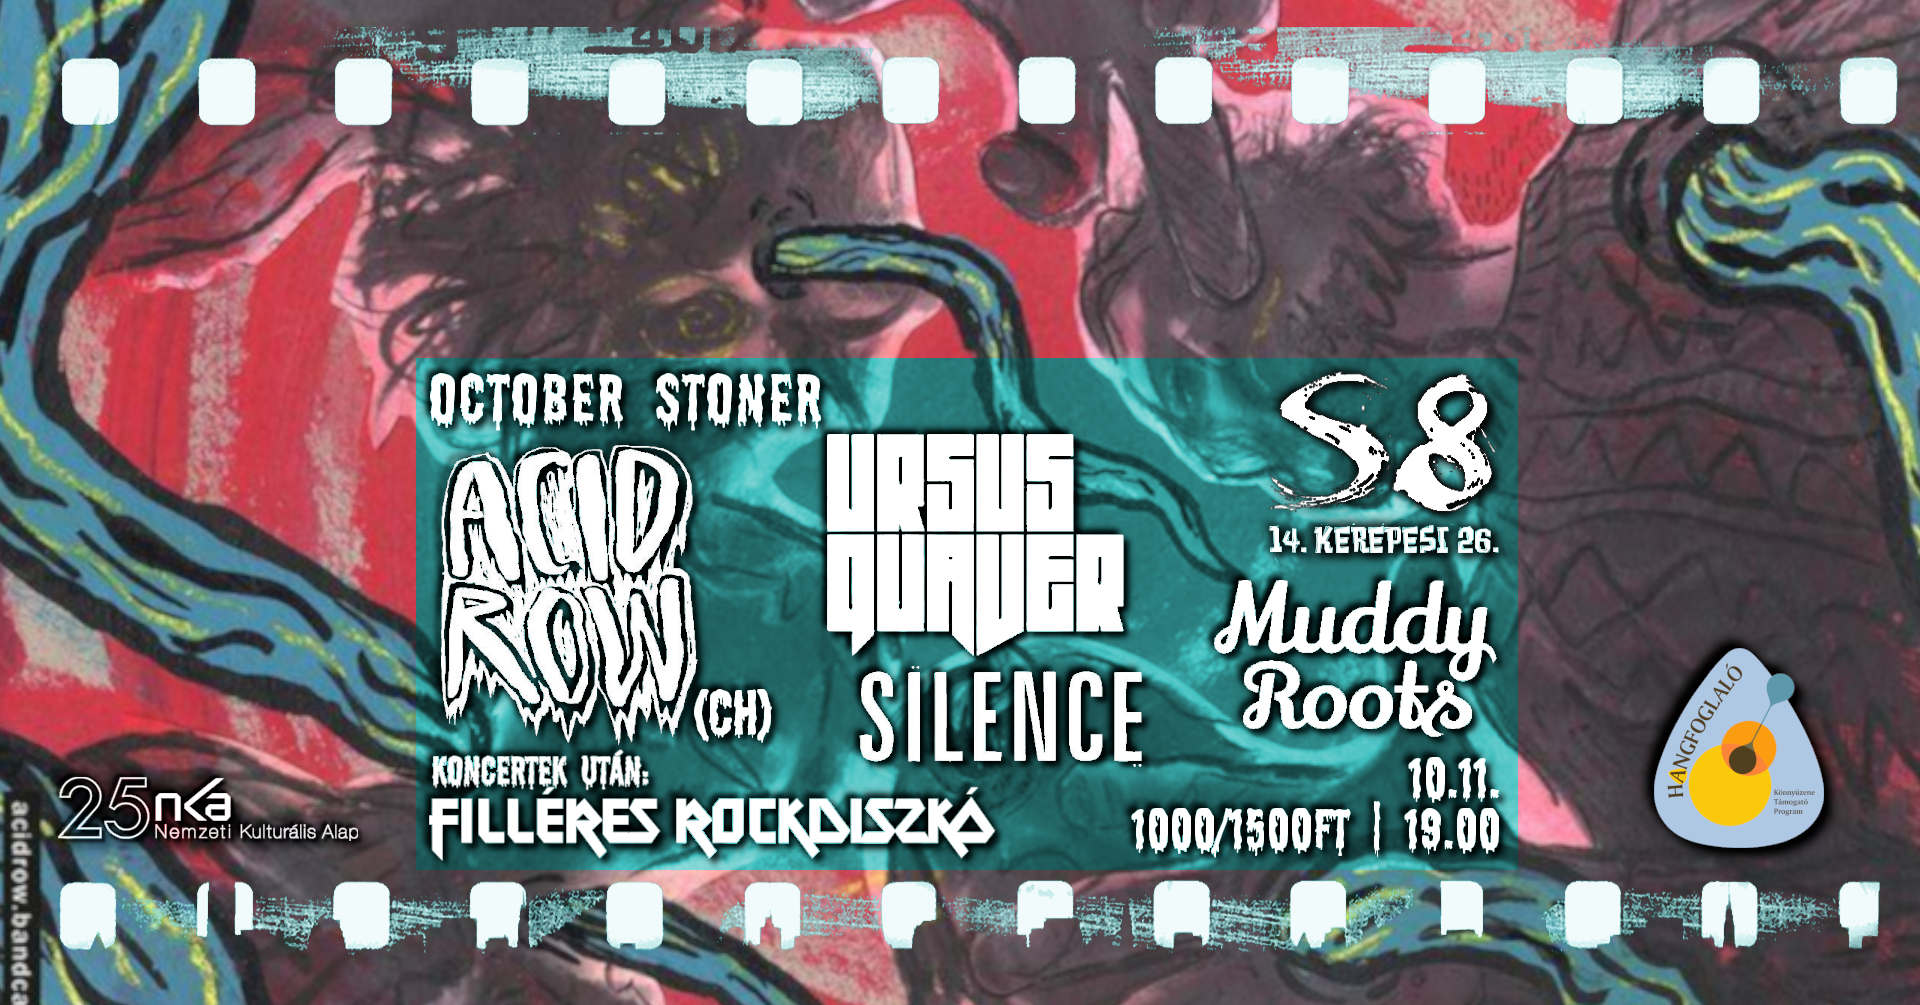 October Stoner - Acid Row [CH] I Vanta I Ursus Quaver I Muddy Roots